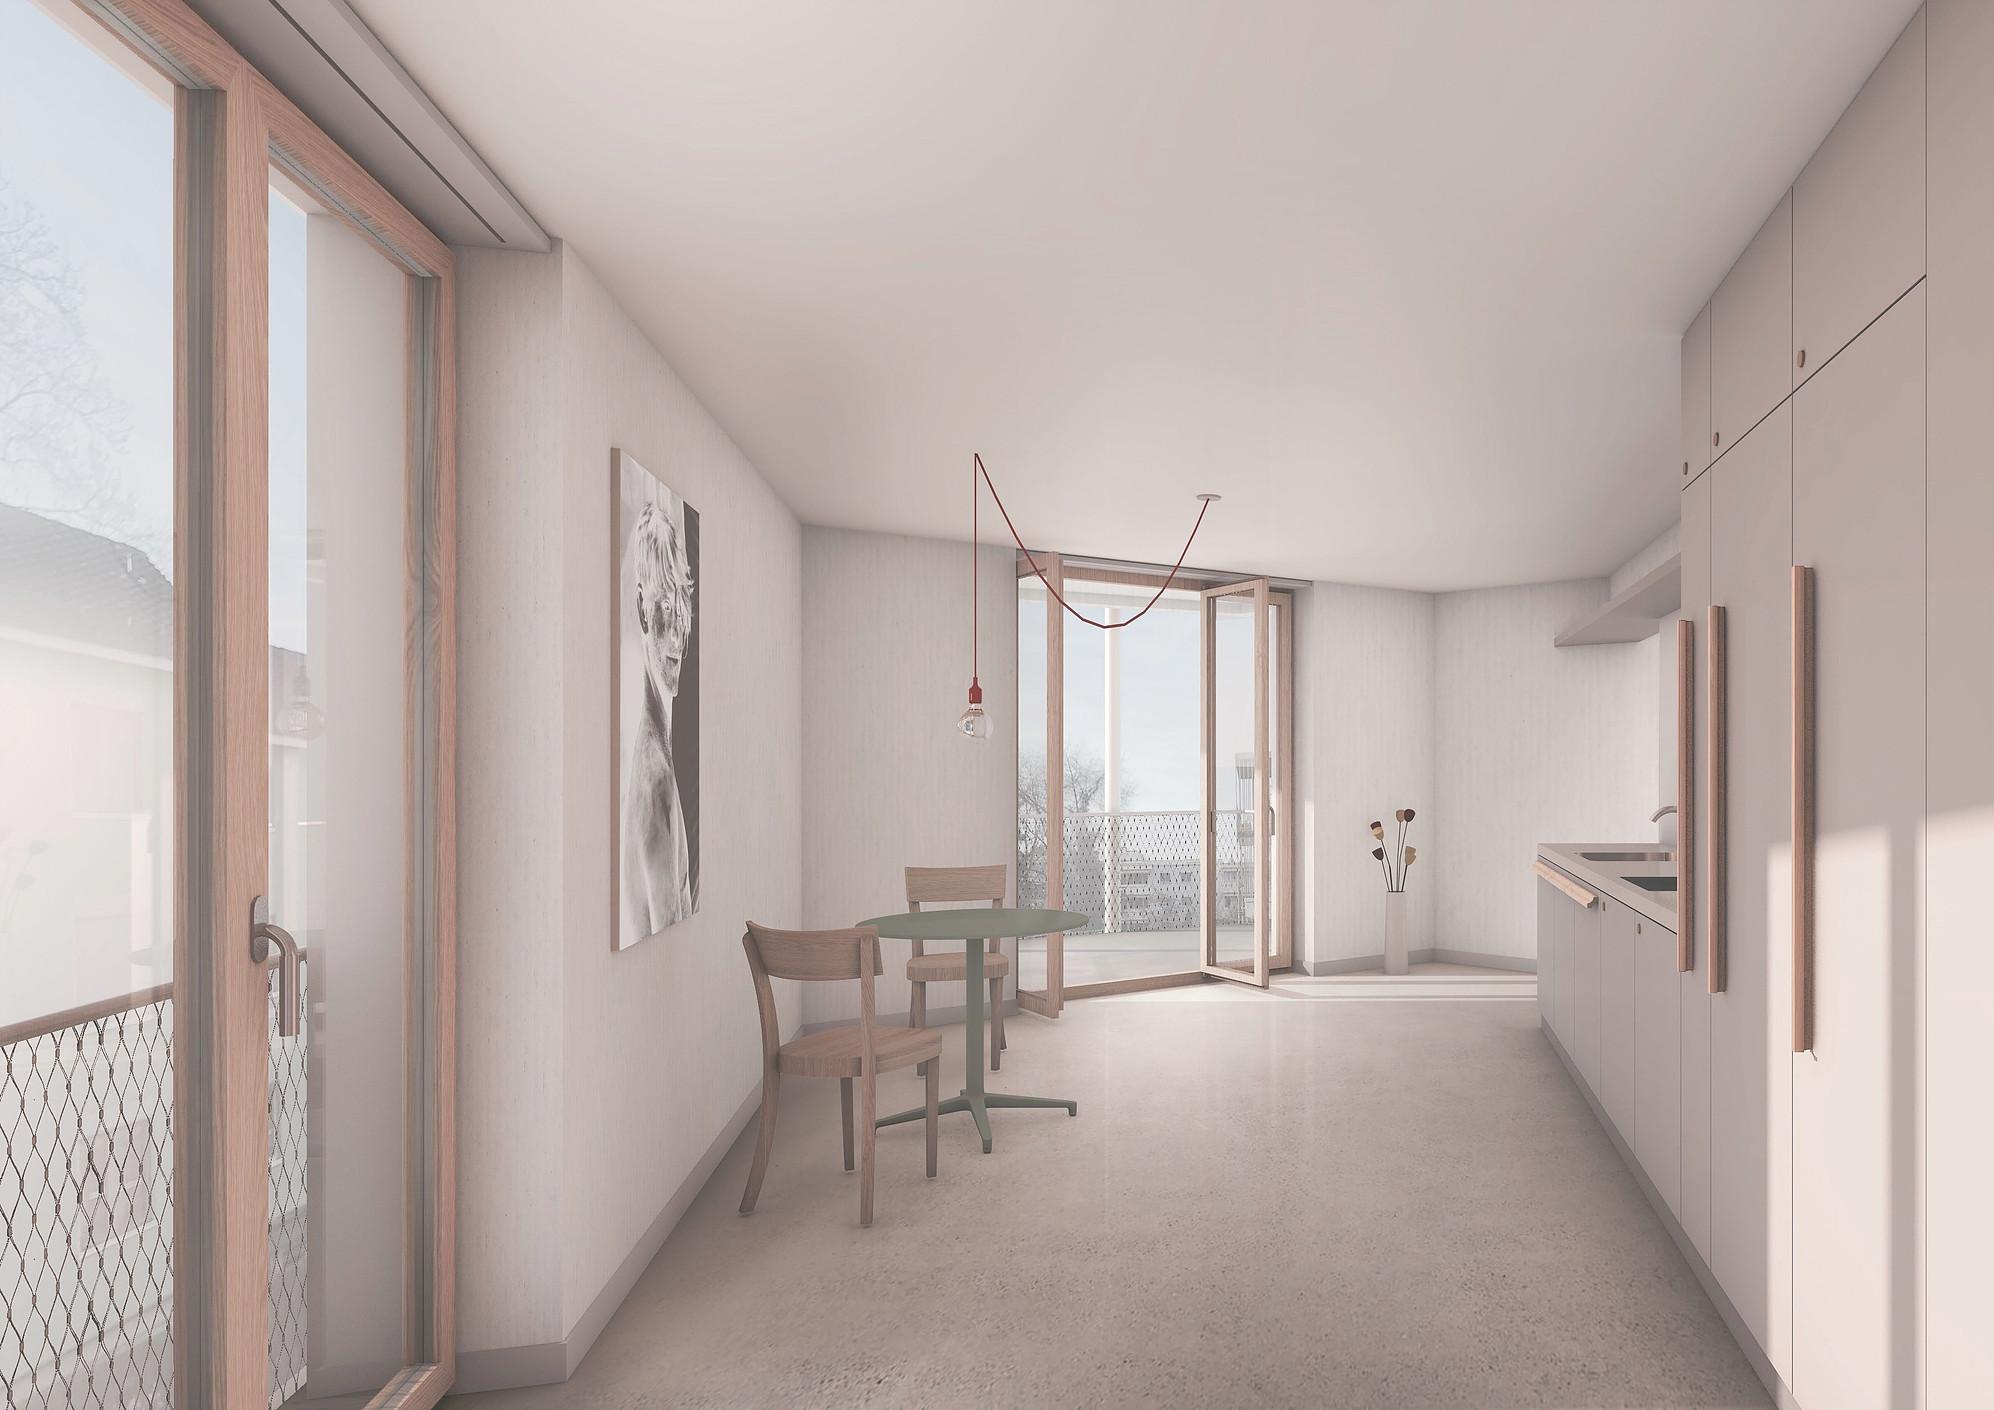 Neubau Wohnhaus Forelhausstiftung Zürich: Esszimmer Wohngemeinschaft